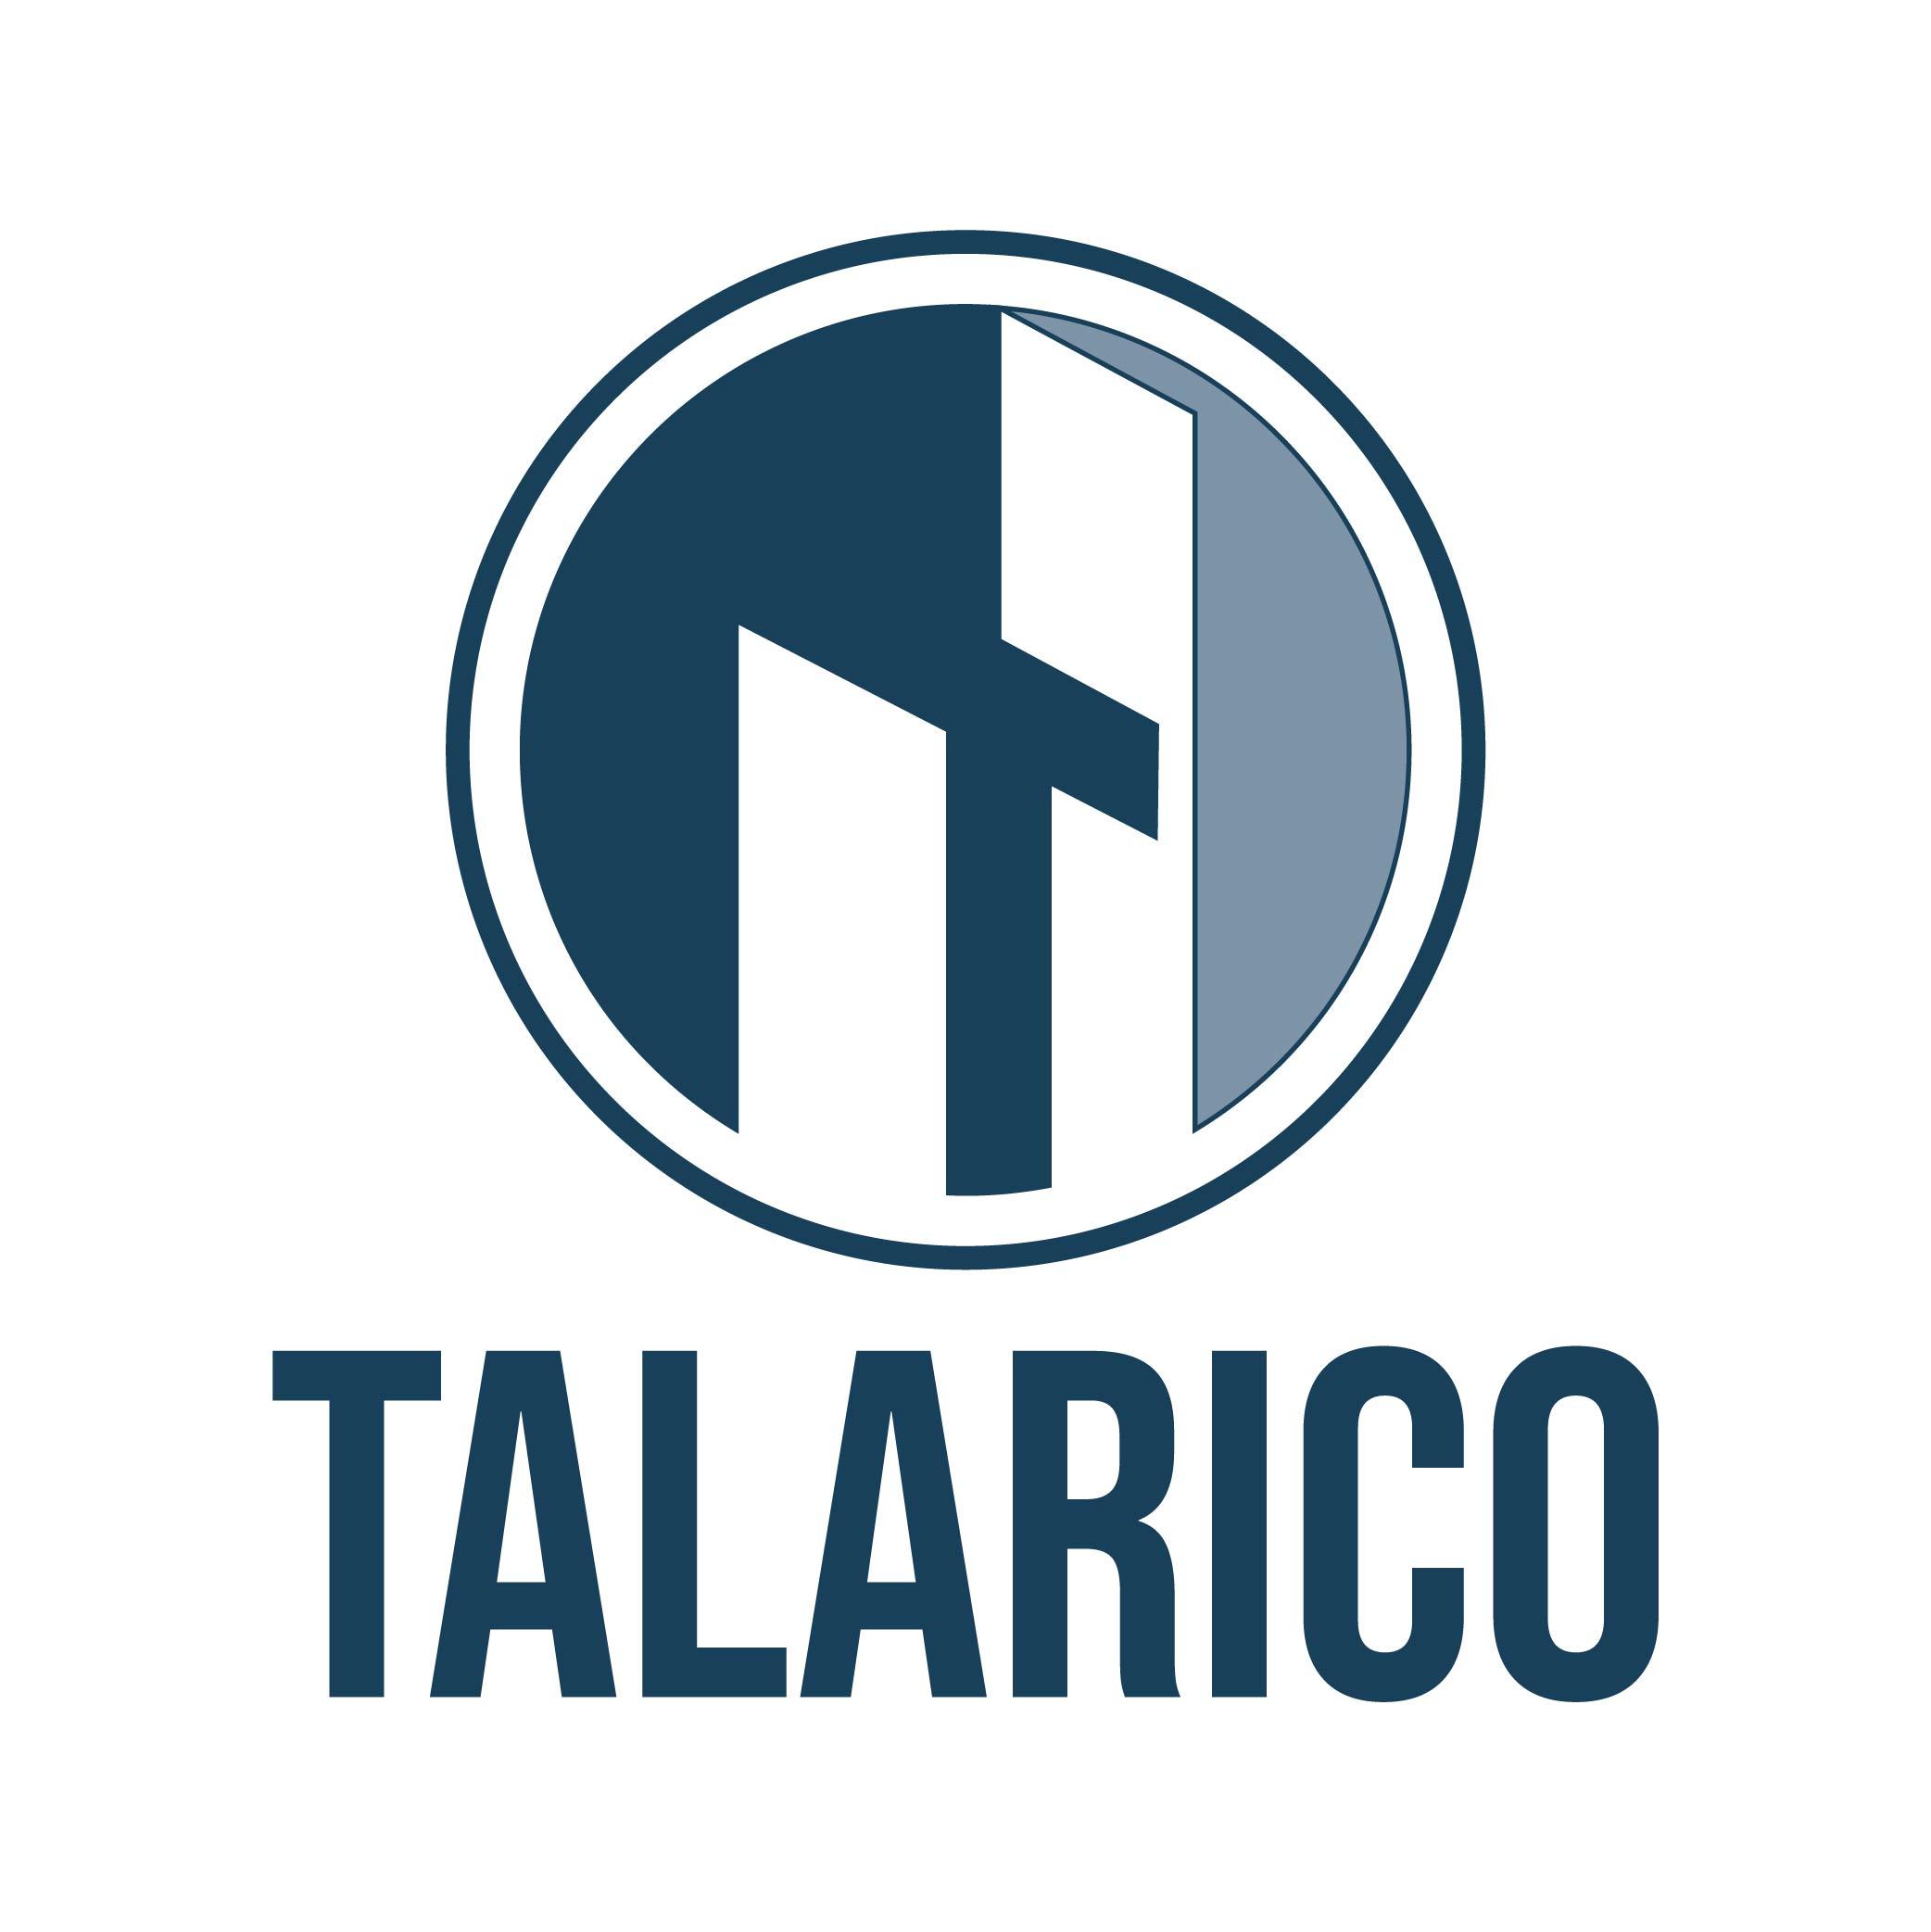 The Talarico Company